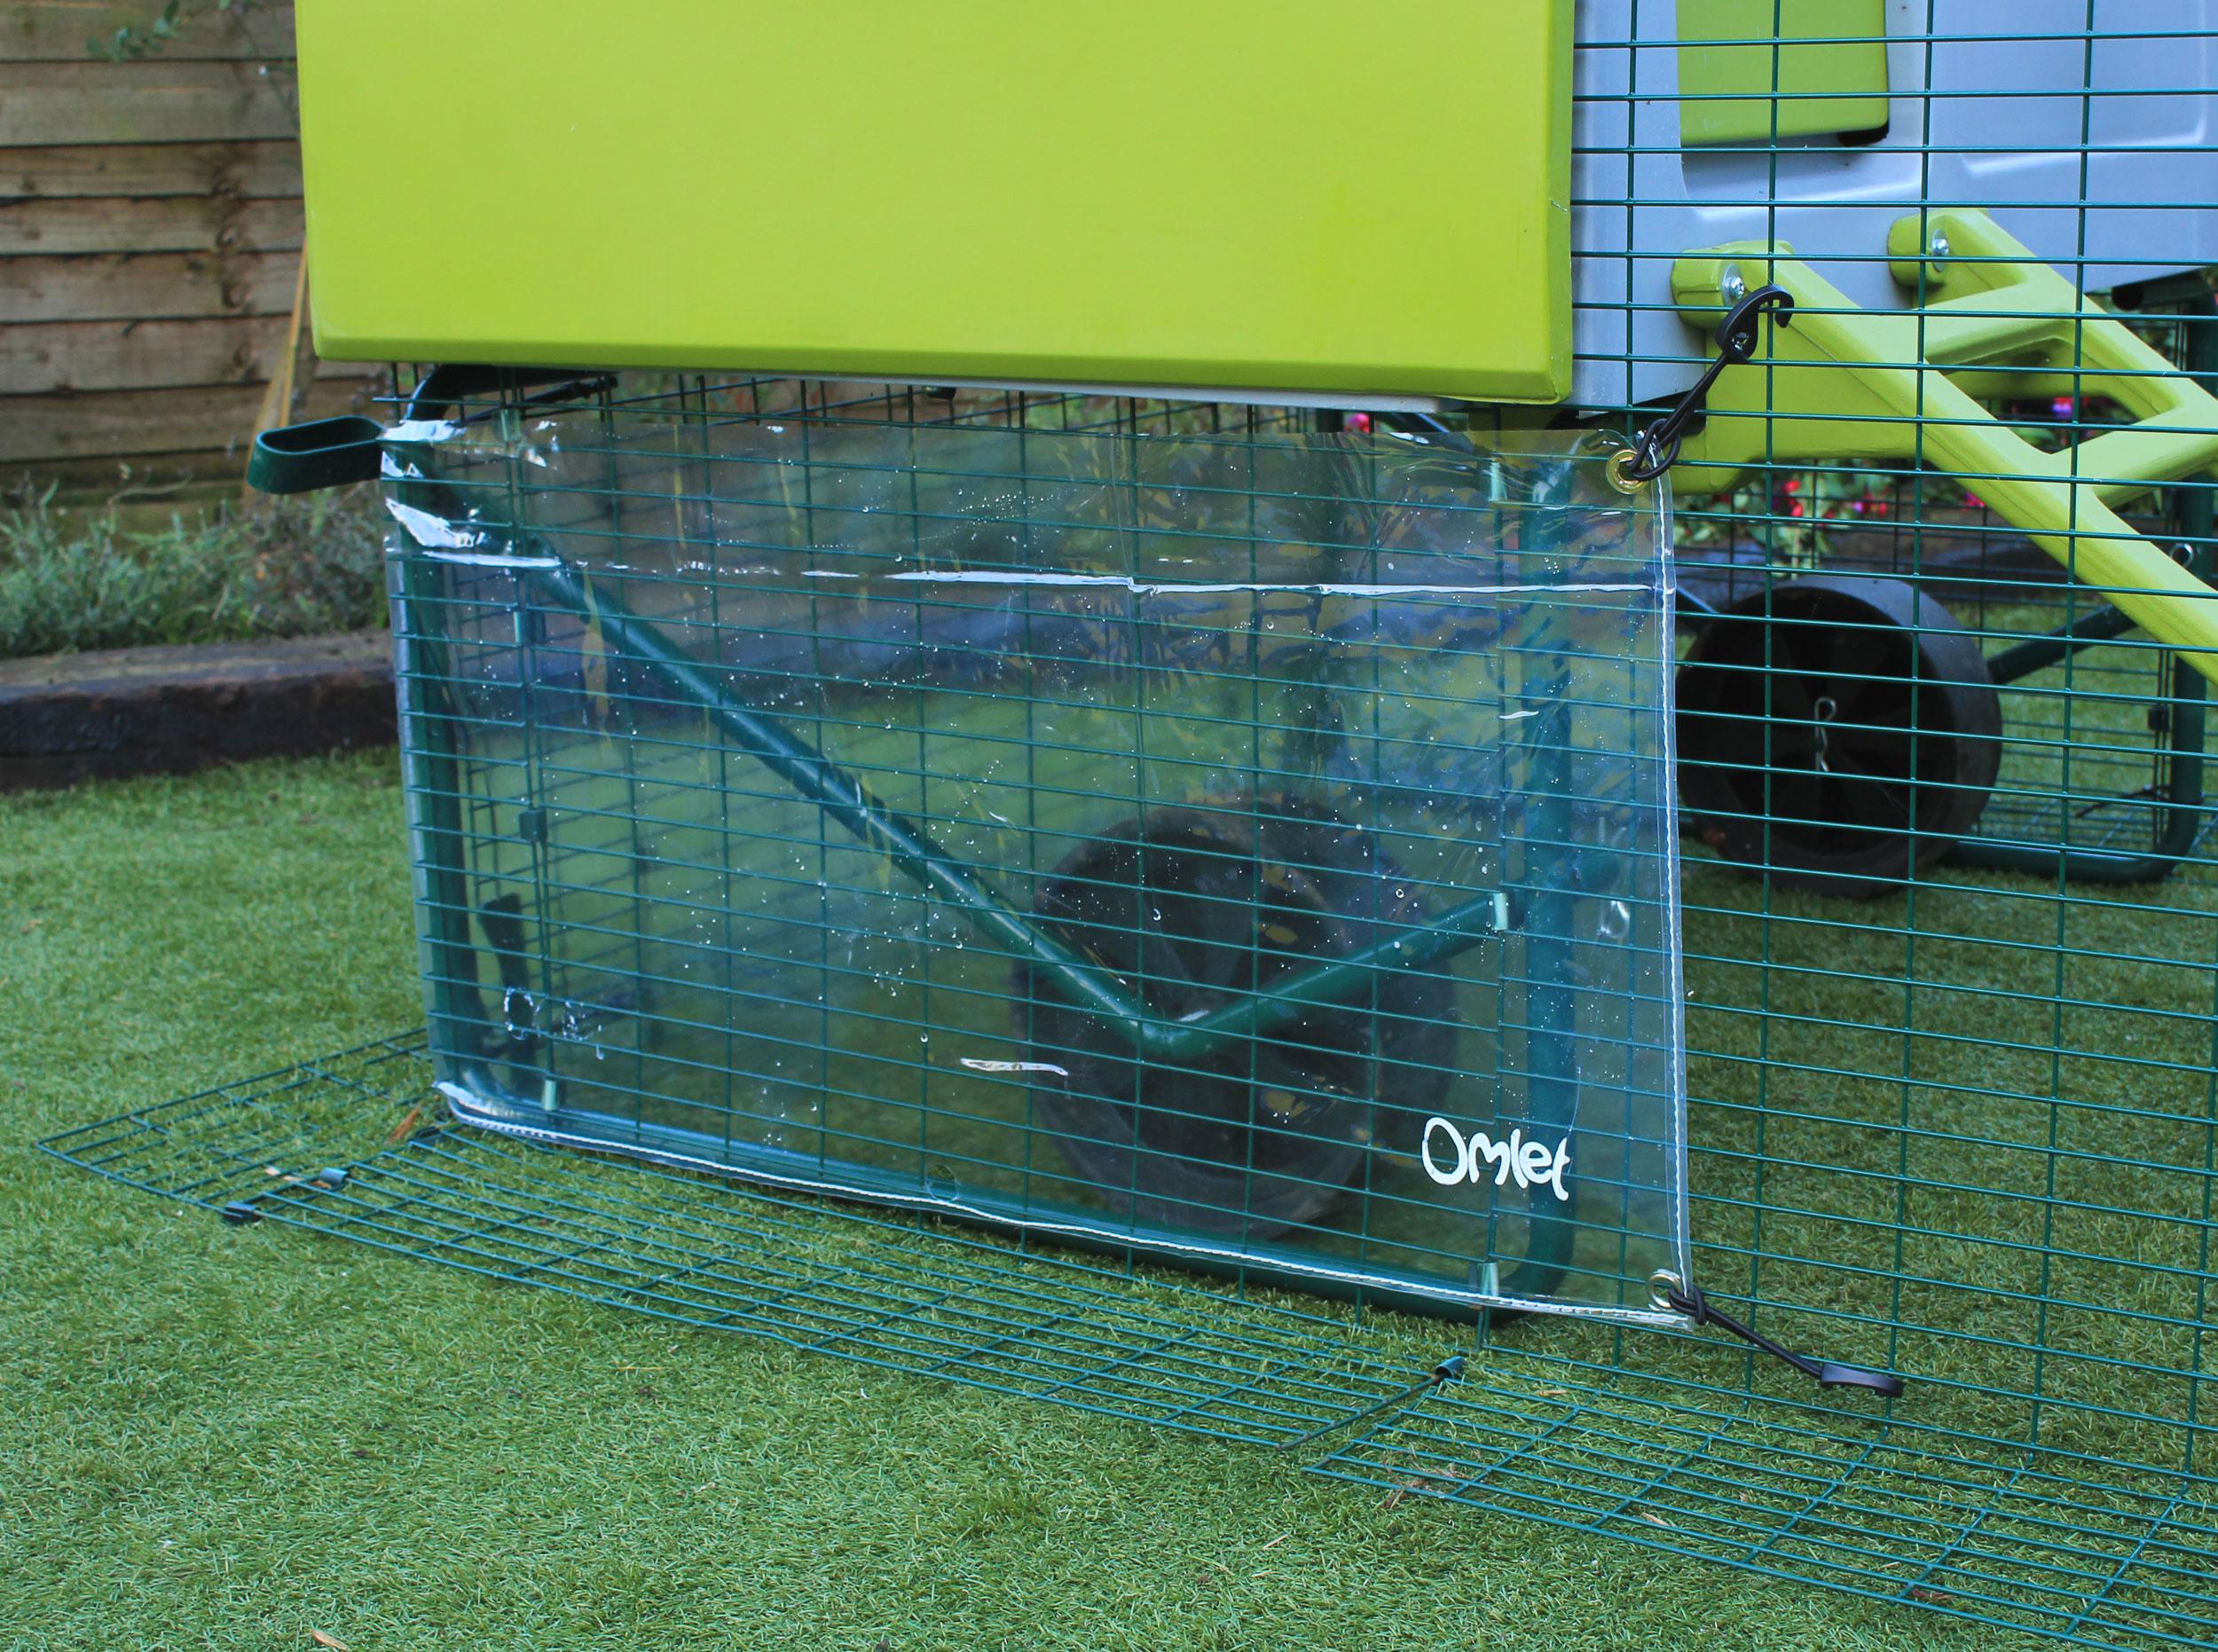 Klarsichtcover für Eglu Cube Mk1 Hühnerstall / Windschutz | Eglu  Wetterschutz | Hühnerställe & Hühnerzubehör | Omlet